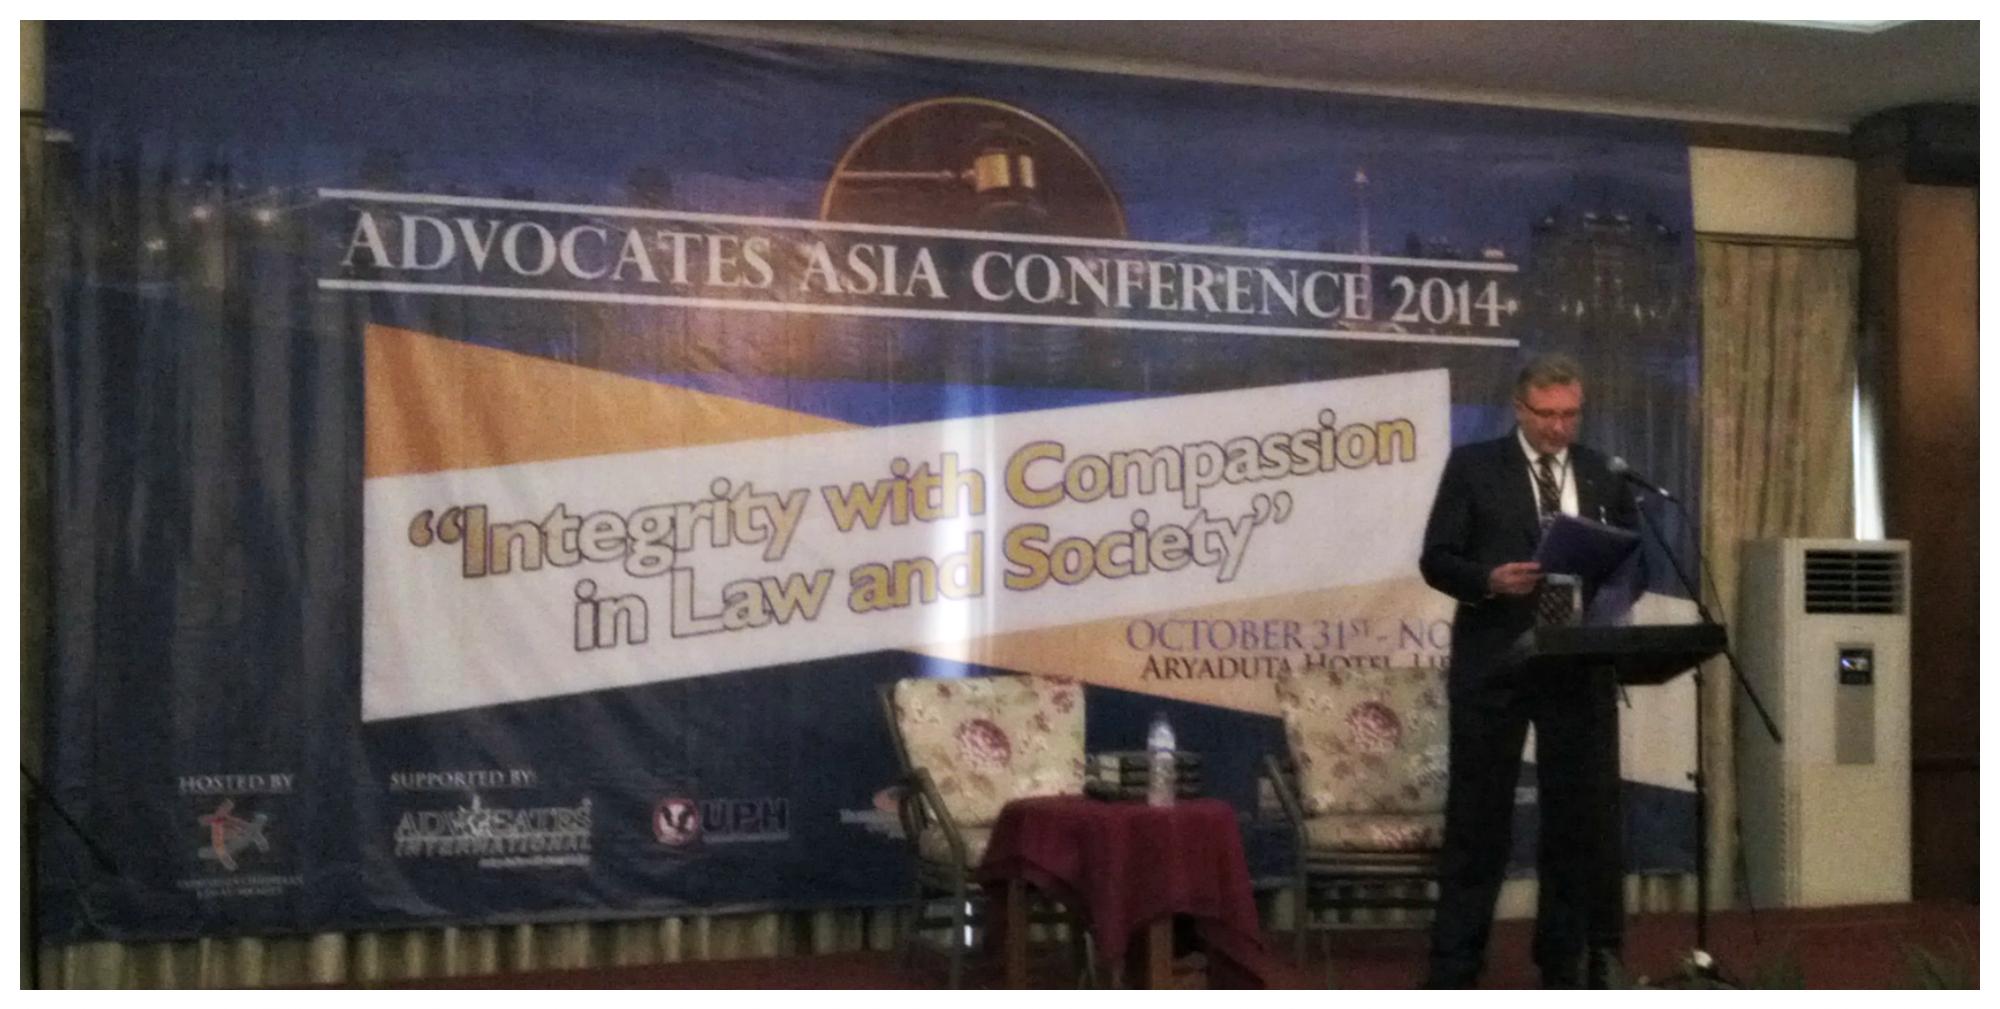 Advocates Asia 2014